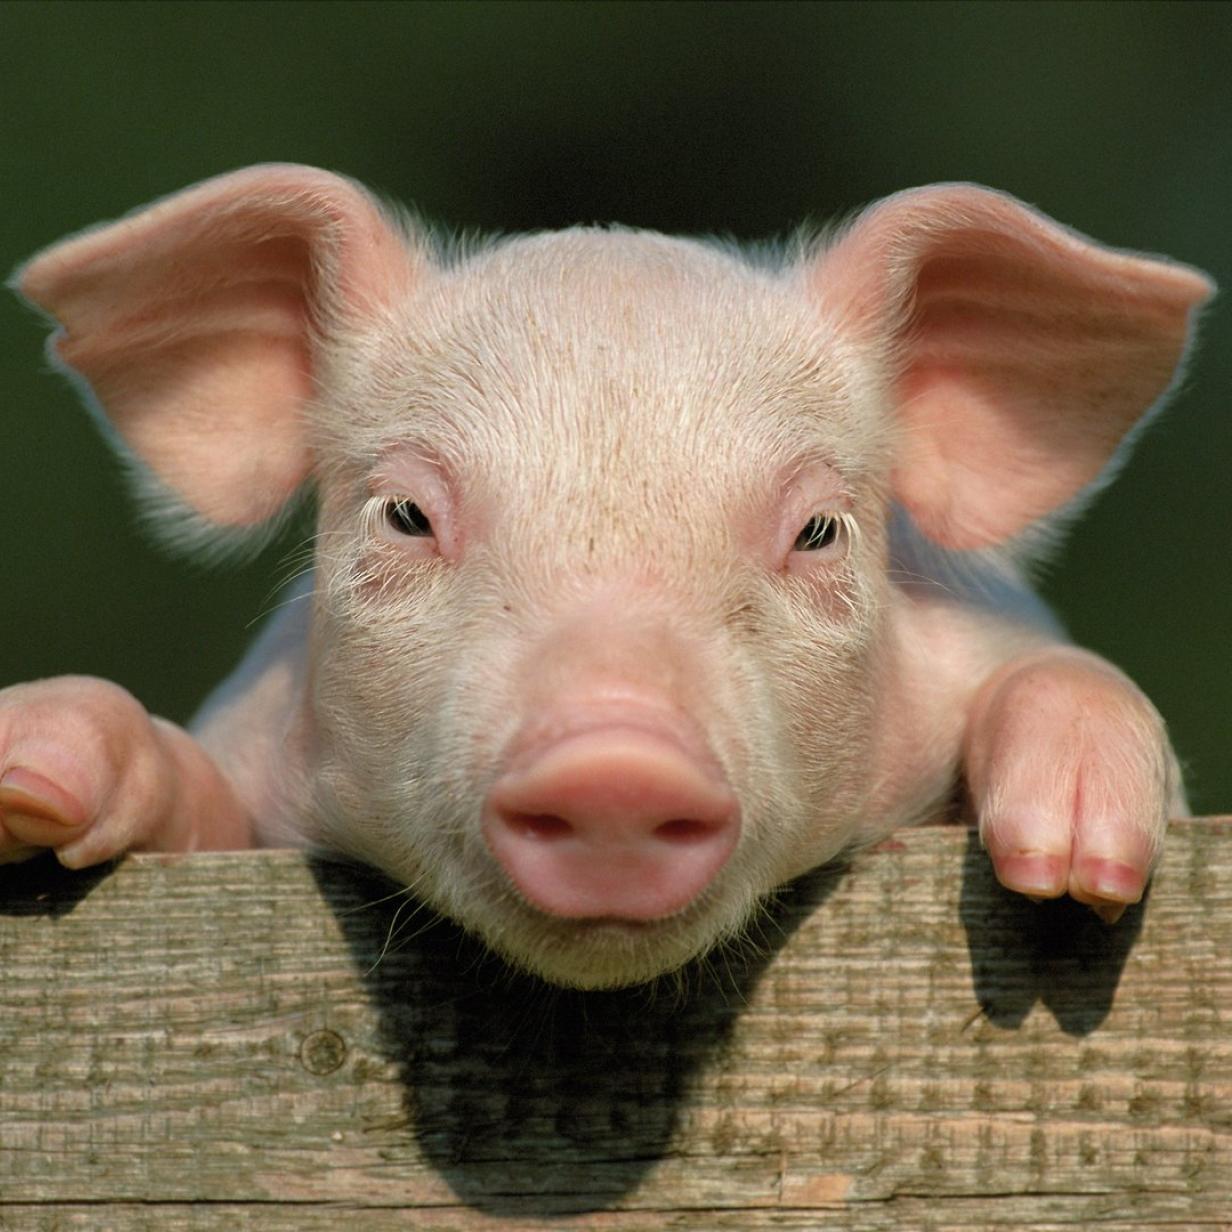 Schwein in China zu Bungee-Sprung gezwungen